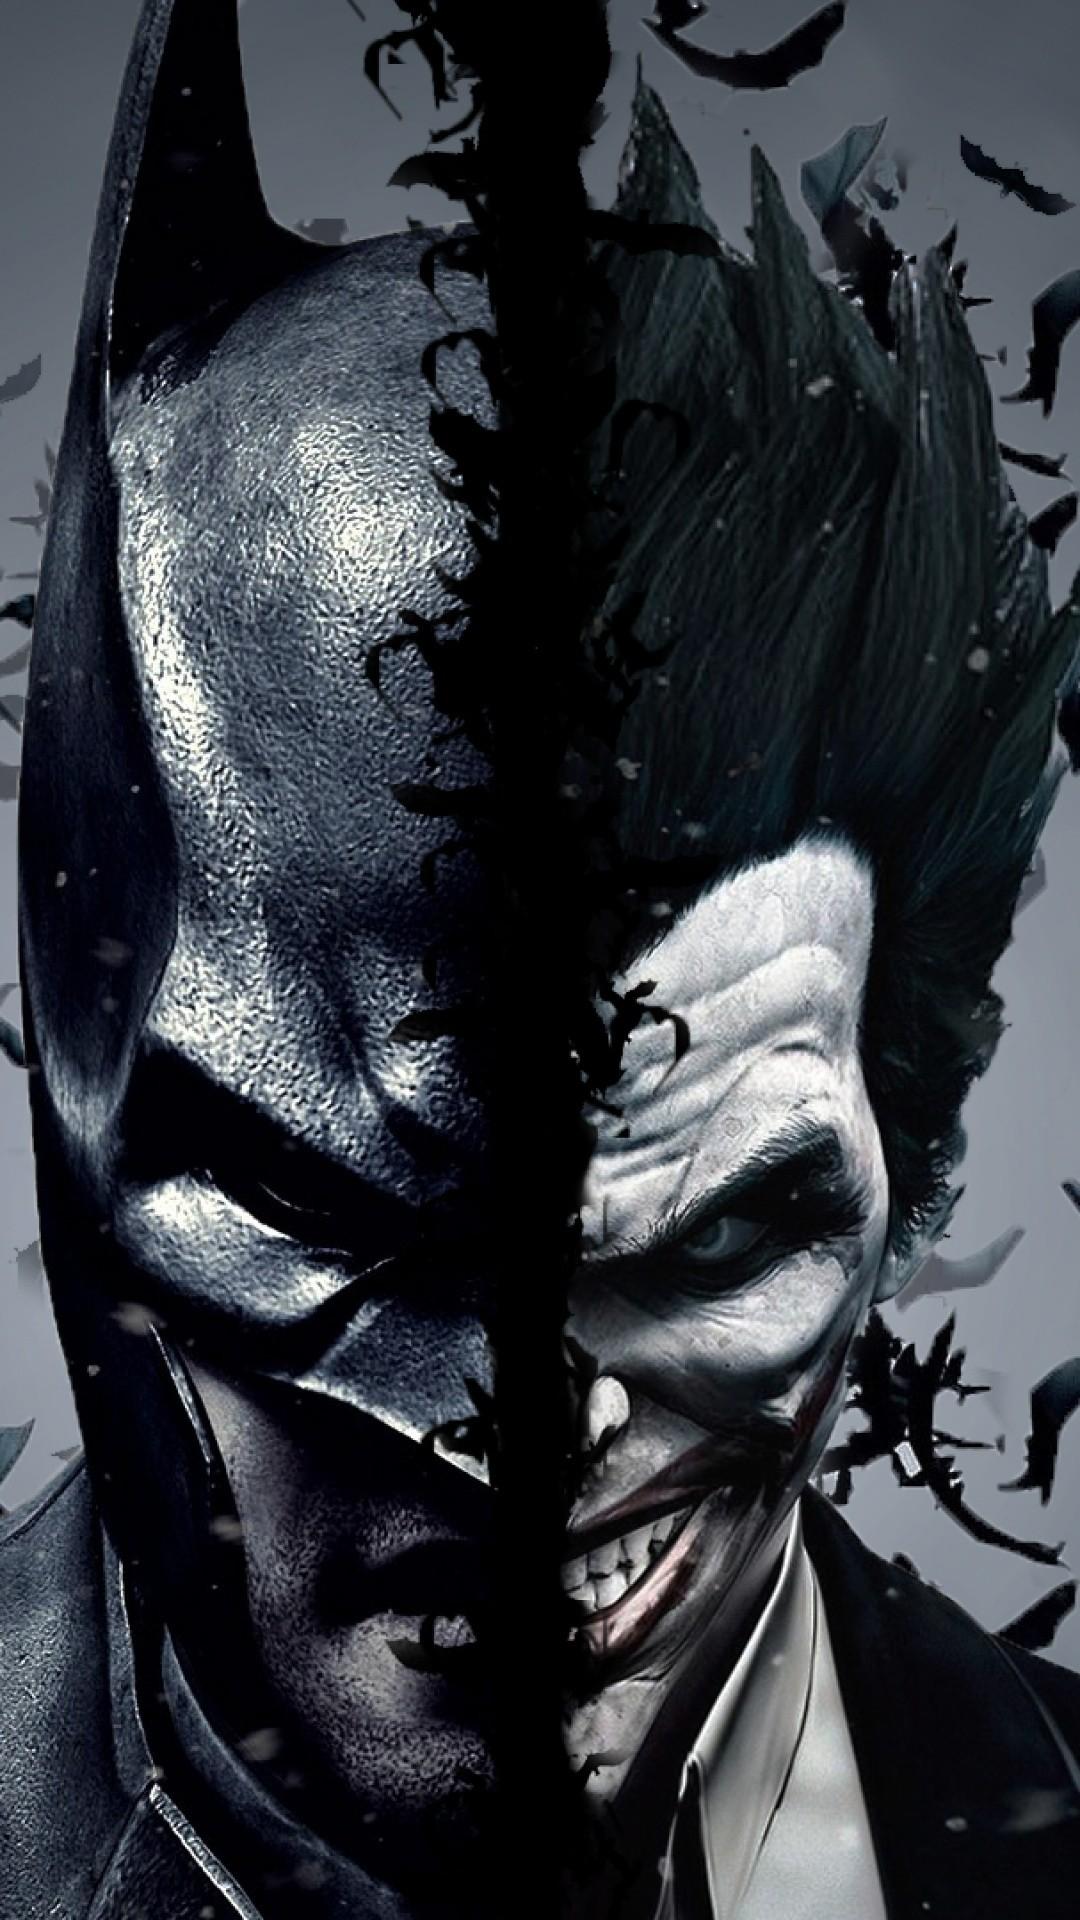 Batman Vs Joker Dual Screen Iphone Wallpaper   Id: 50906